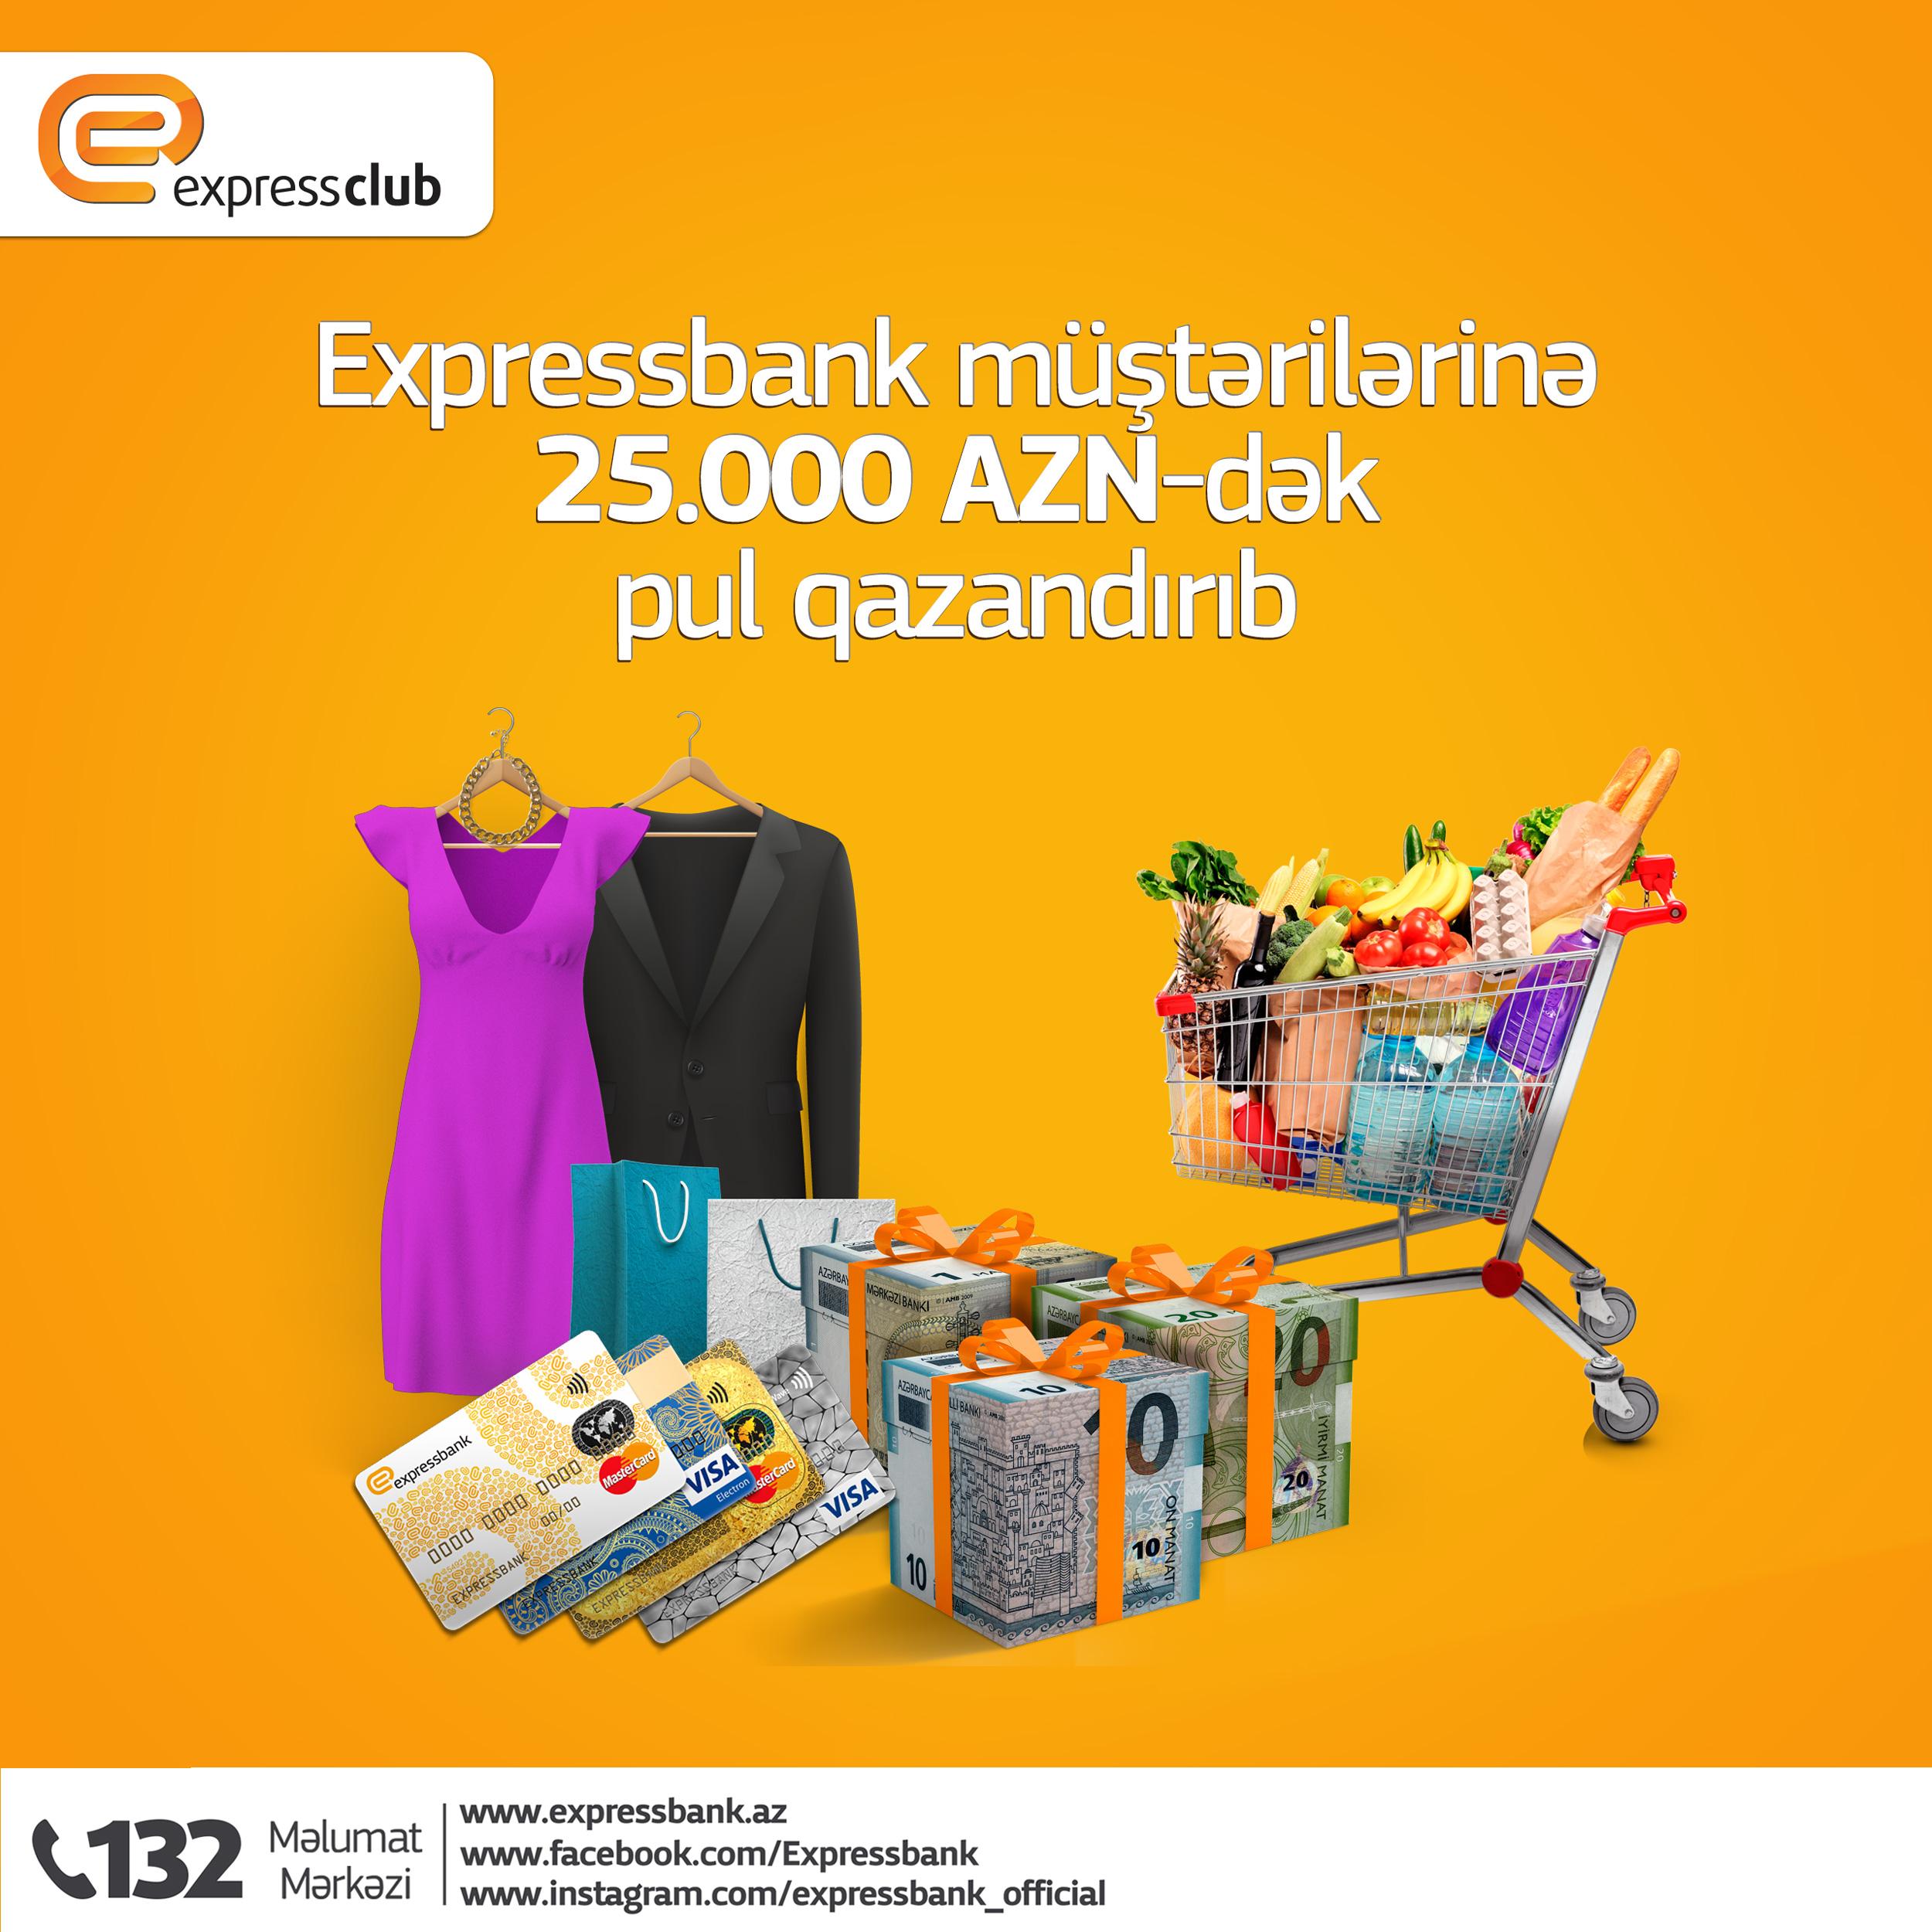 Expressbank müştərilərinə 25 000 AZN-dək pul qazandırıb